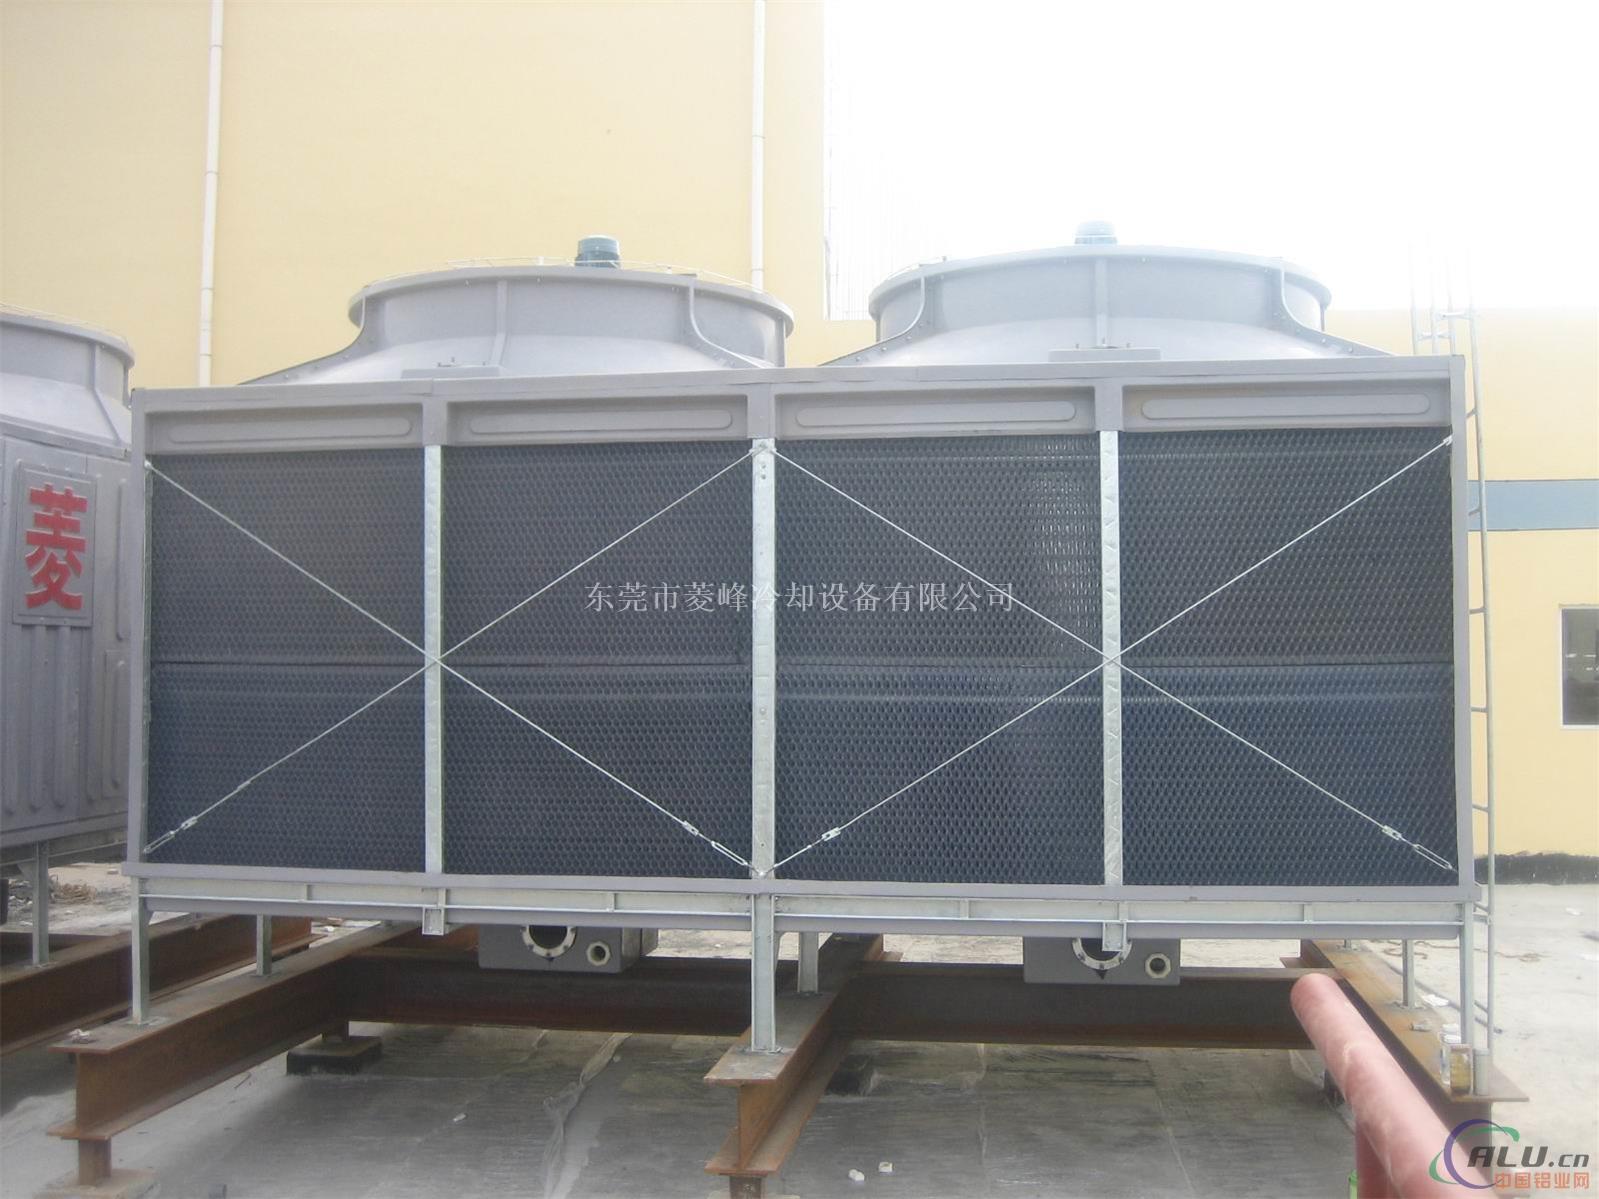 横流式冷却塔,中温污水冷却塔,横流式中温玻璃钢冷却塔,玻璃钢导风筒